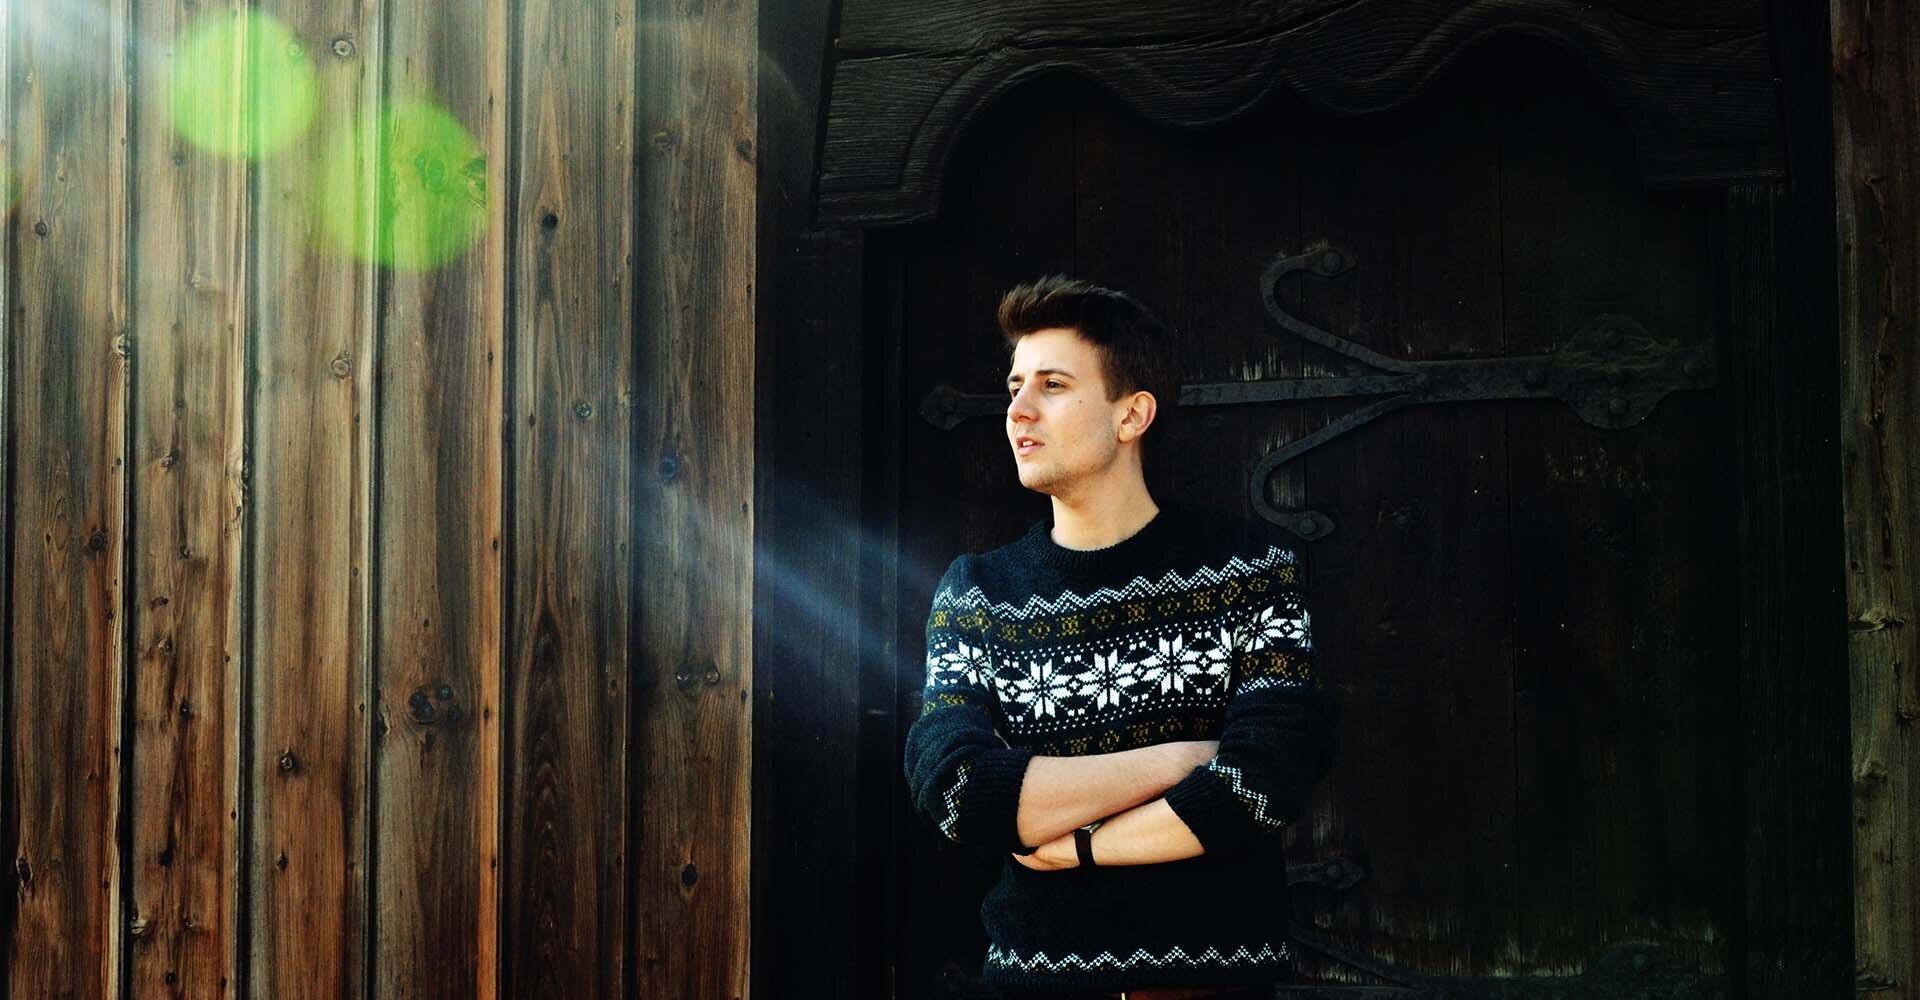 Sweter Świąteczny, sweter męski w świąteczne wzory